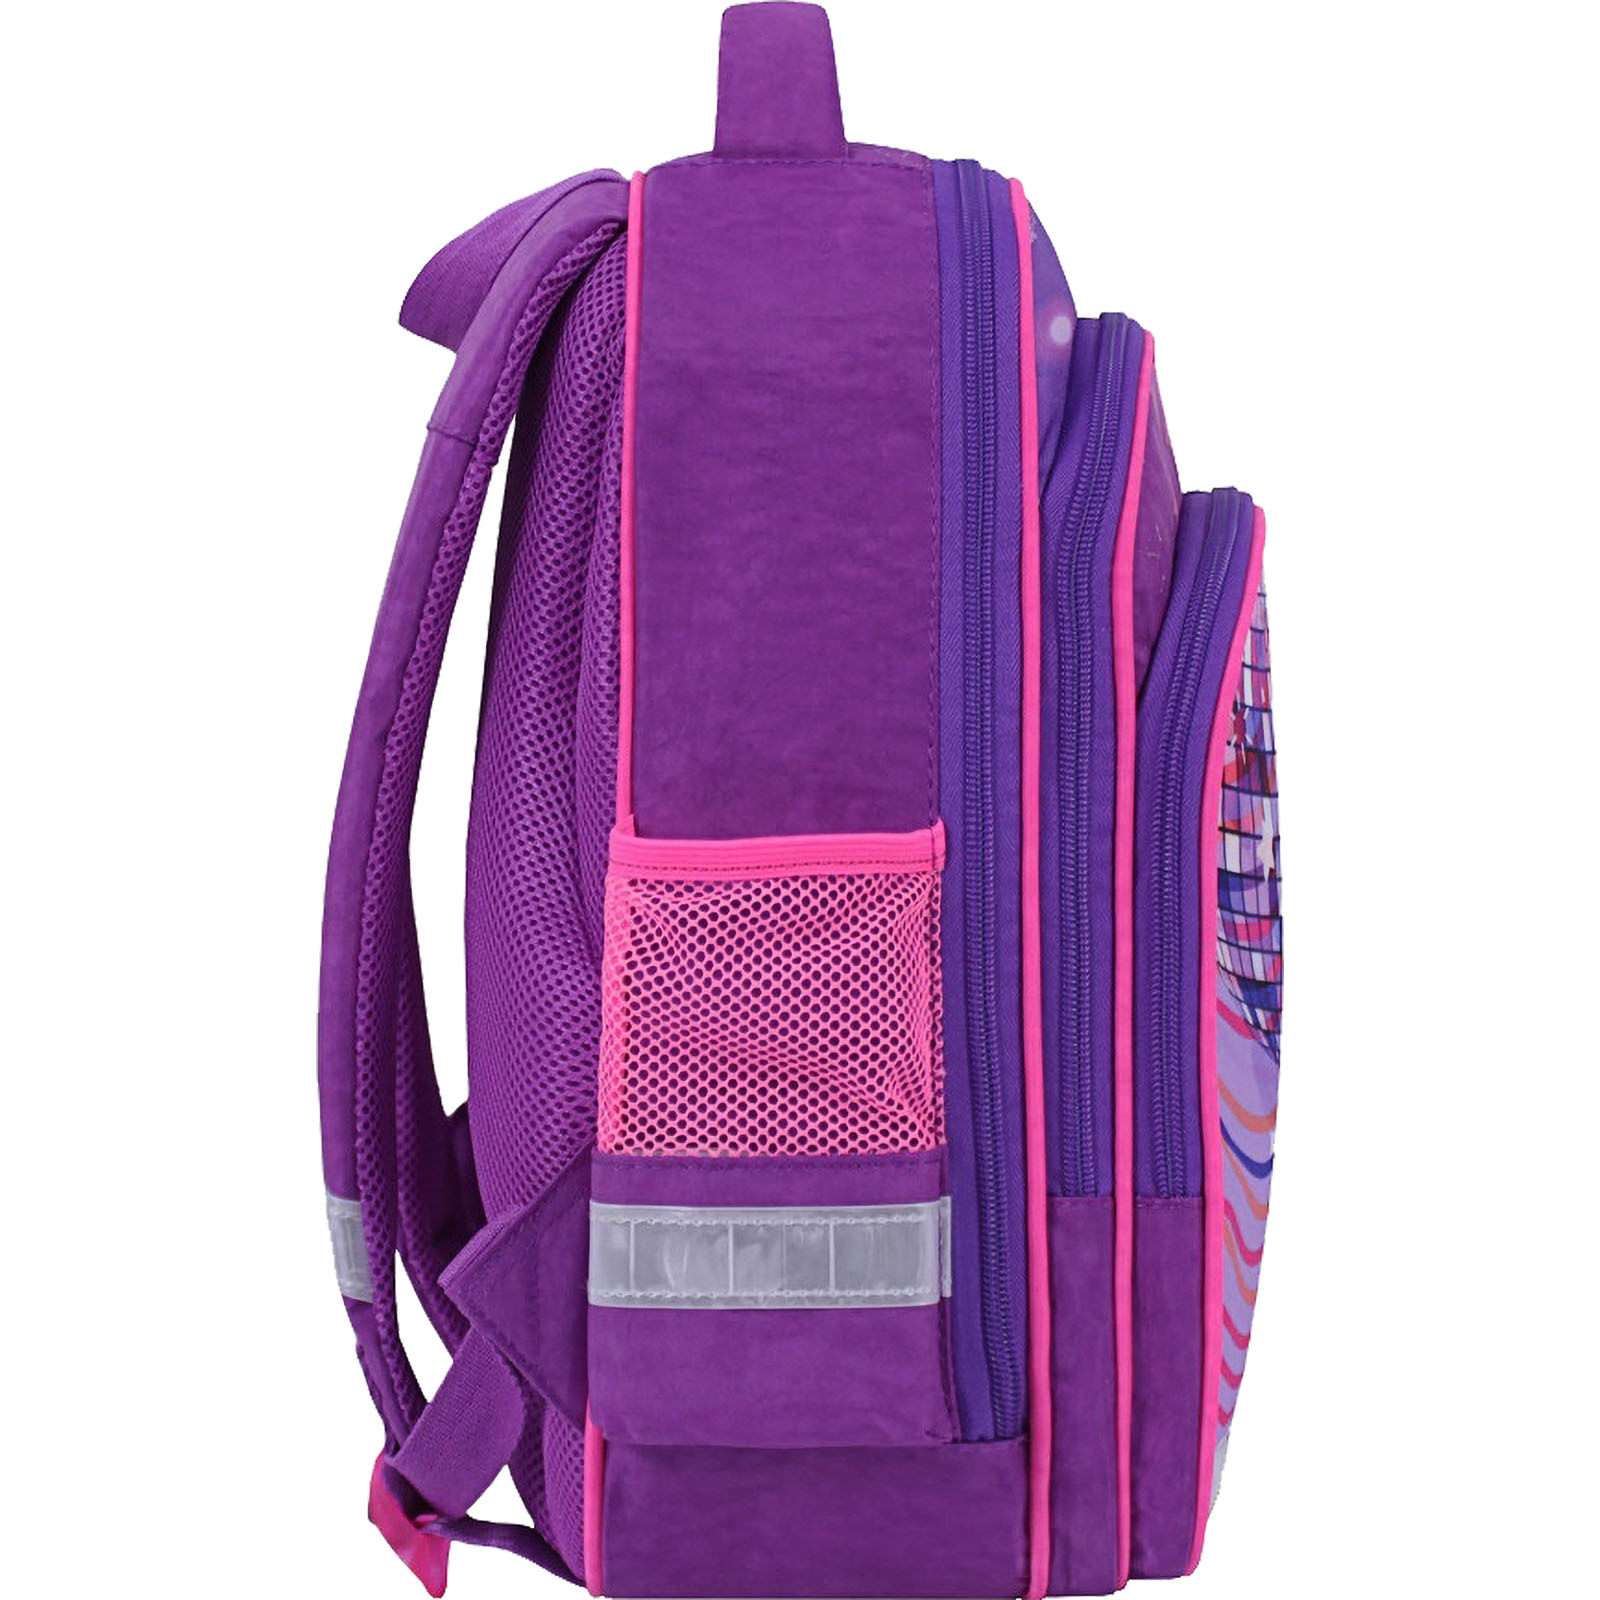 Рюкзак школьный Bagland Mouse 339 фиолетовый 503 (0051370) фото 2